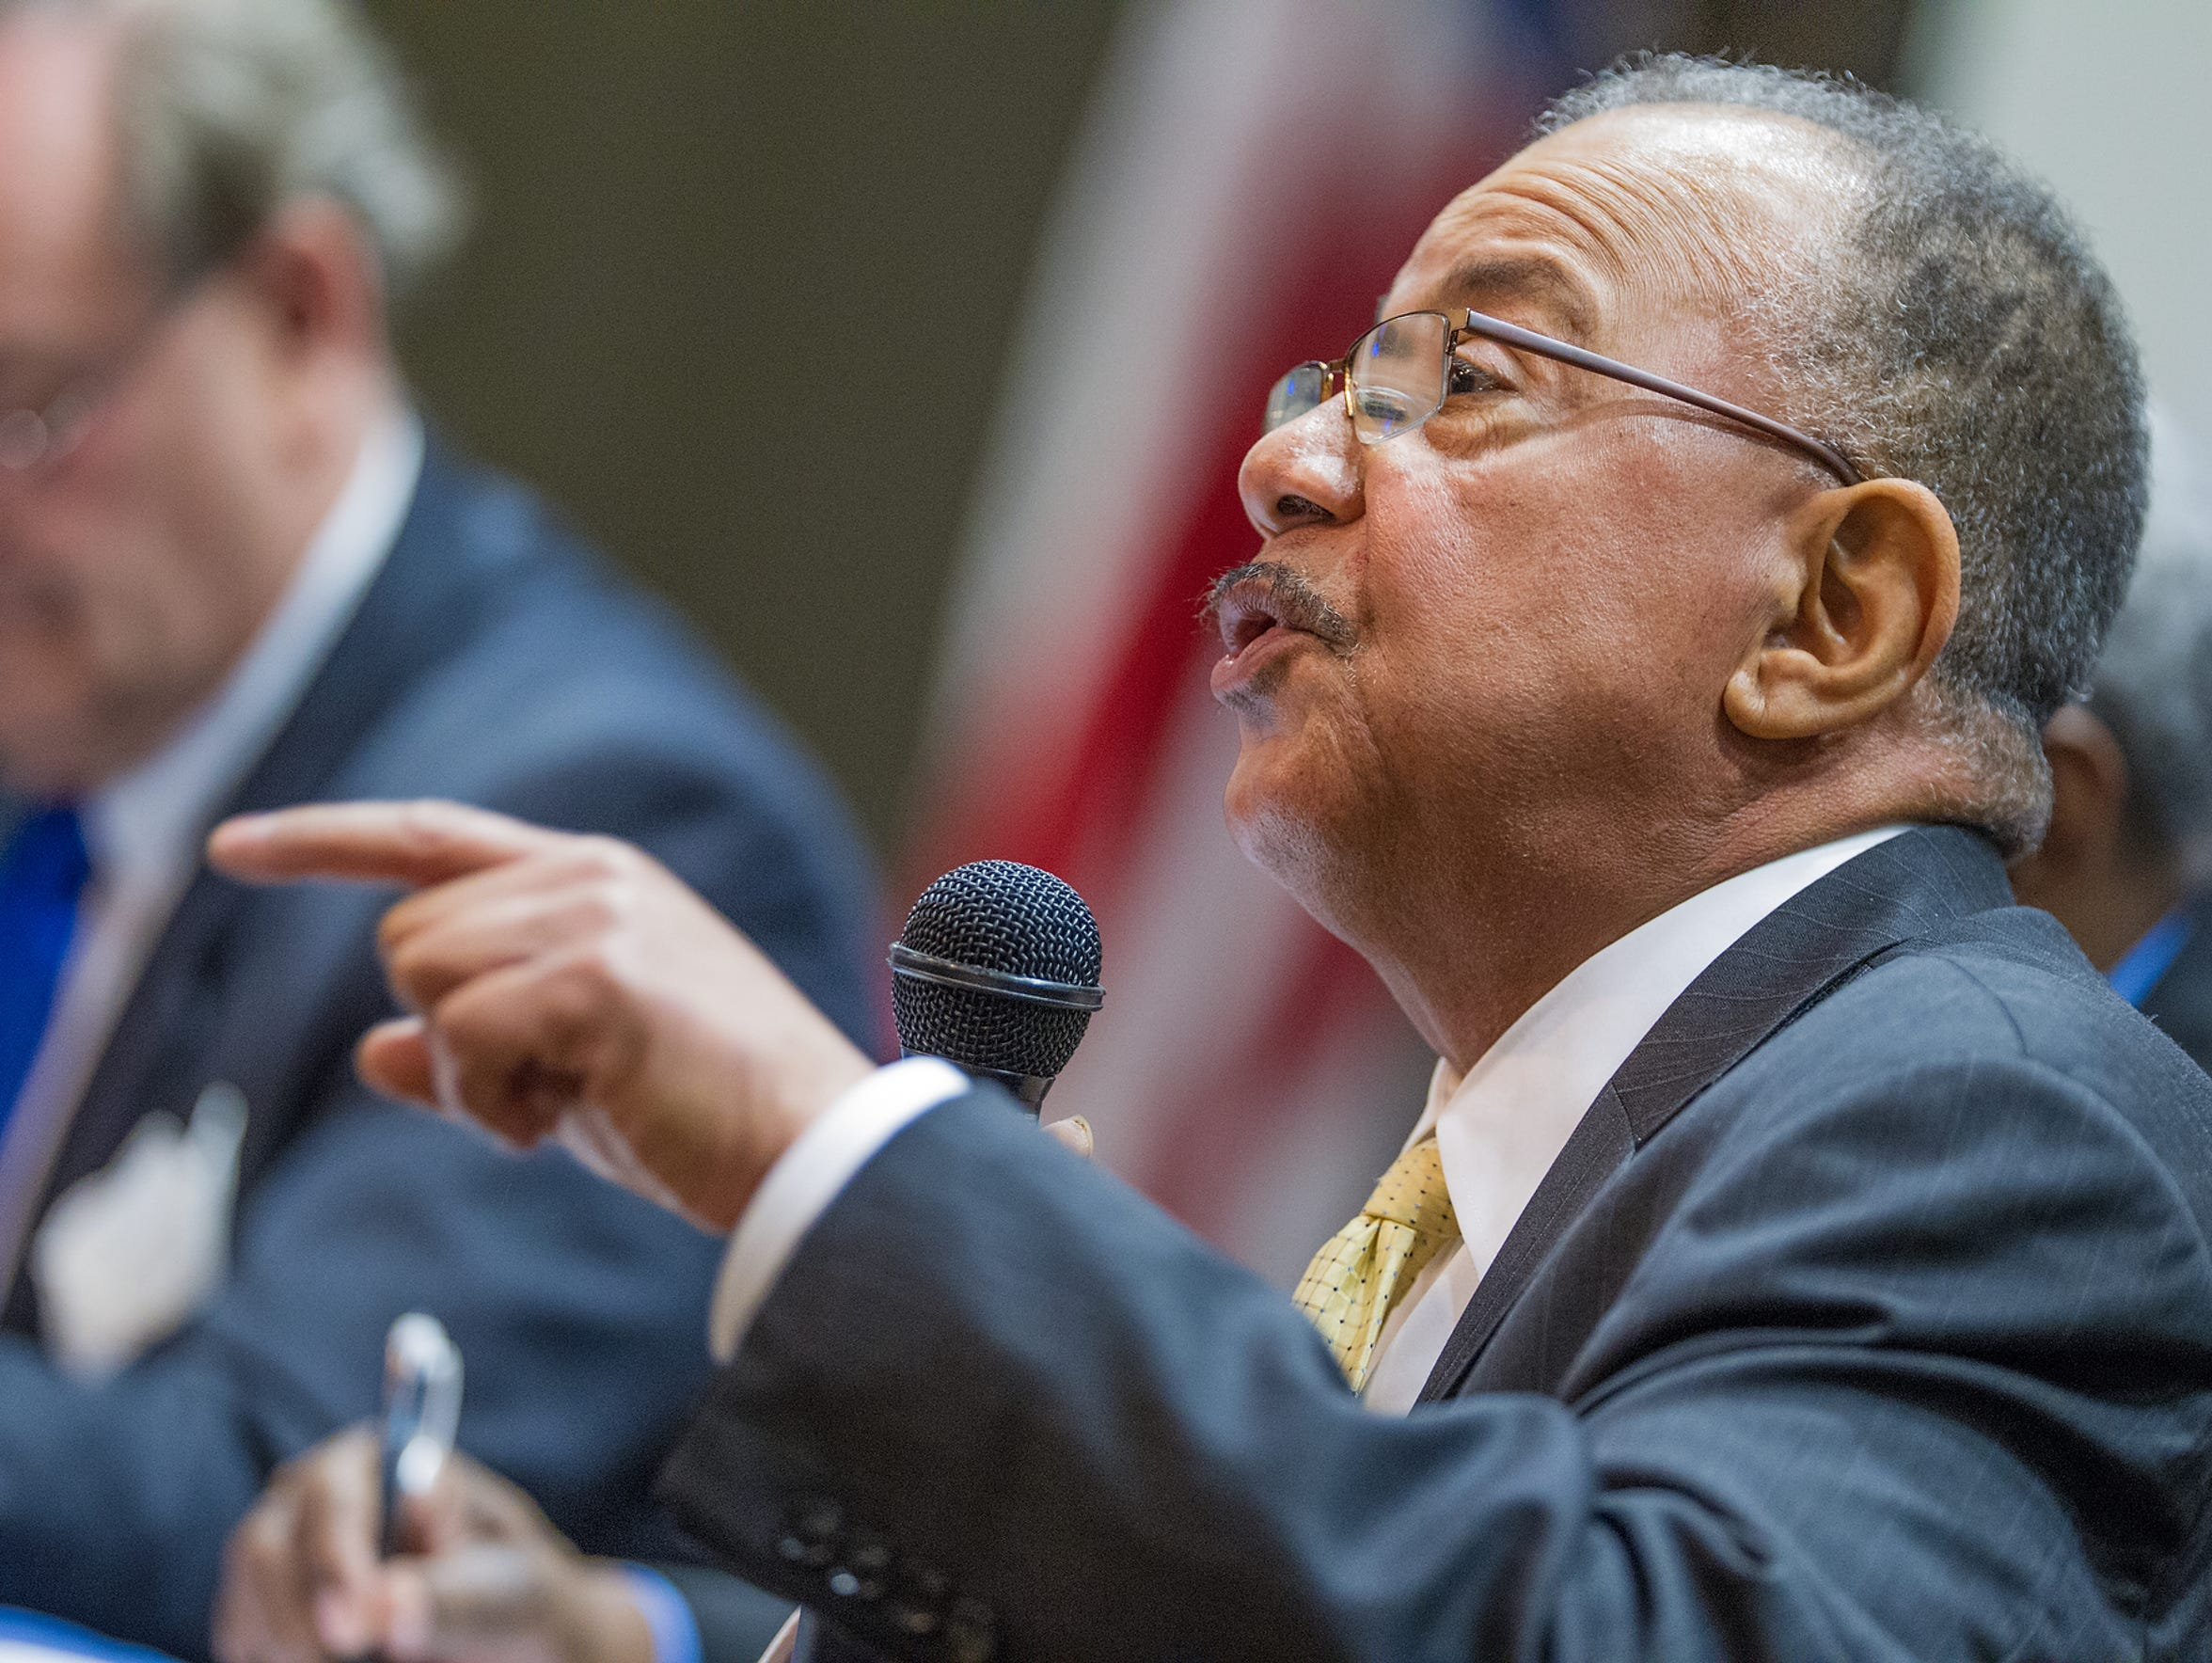 State Rep. J.J. Johnson, D-New Castle speaks during